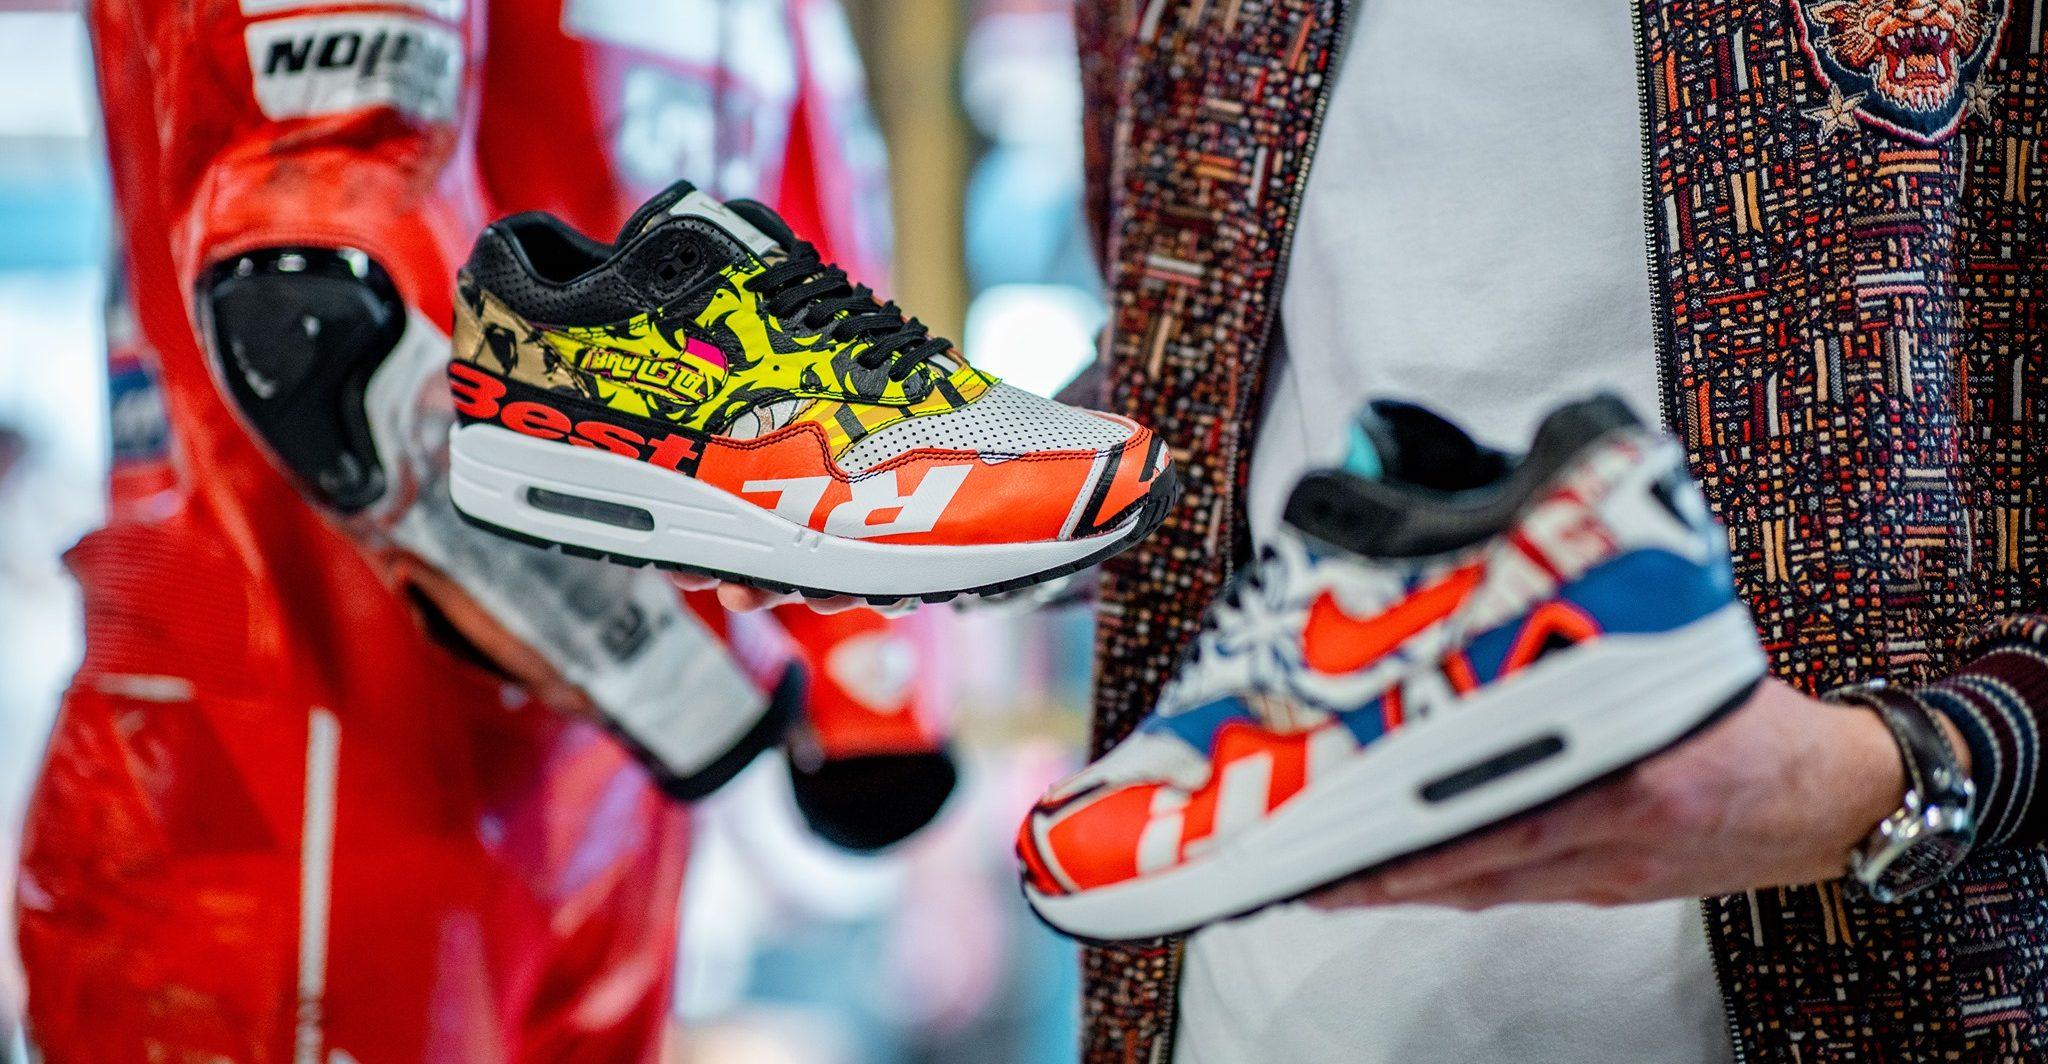 Cinquanta cent per toccarle, 4mila euro per comprarle: Sneakerness, la 'fiera delle scarpe YOUparti Fabbrica Orobia Milano